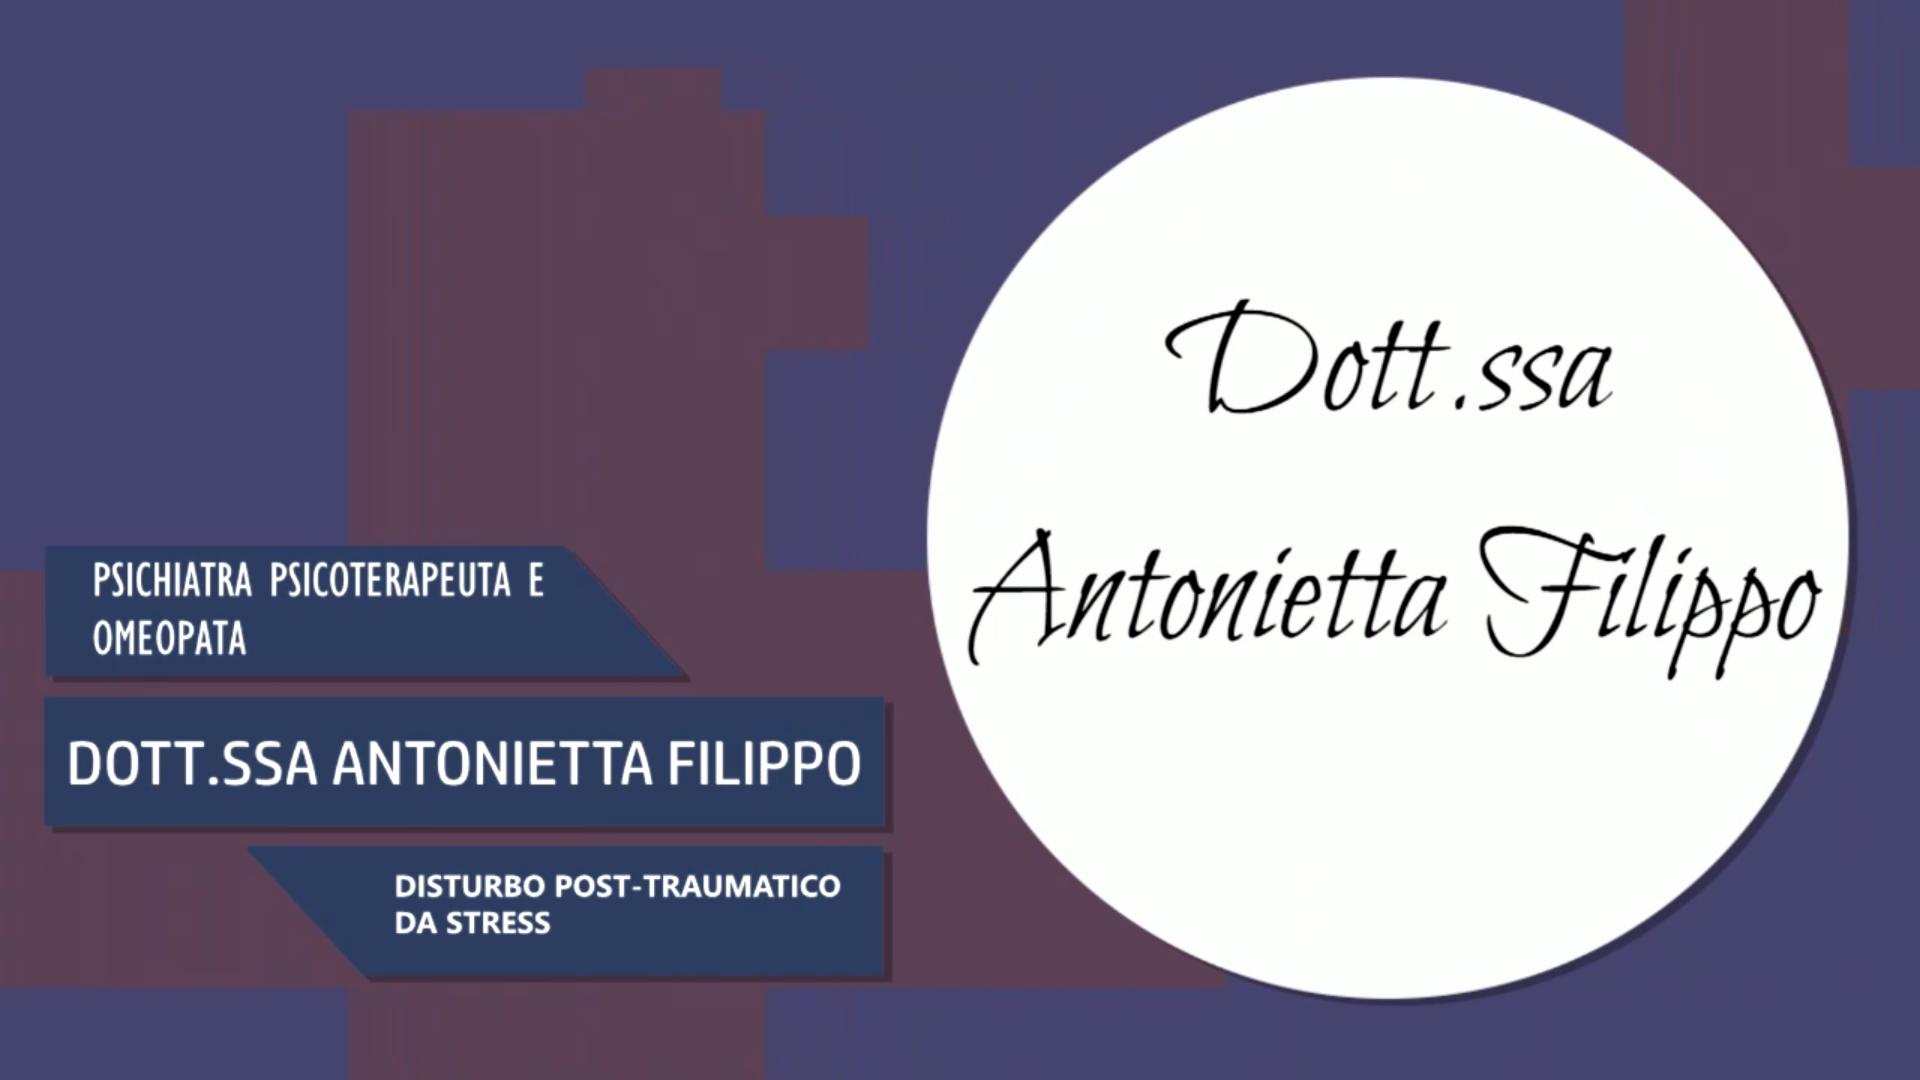 Intervista alla Dott.ssa Antonietta Filippo – Disturbo post-traumatico da stress